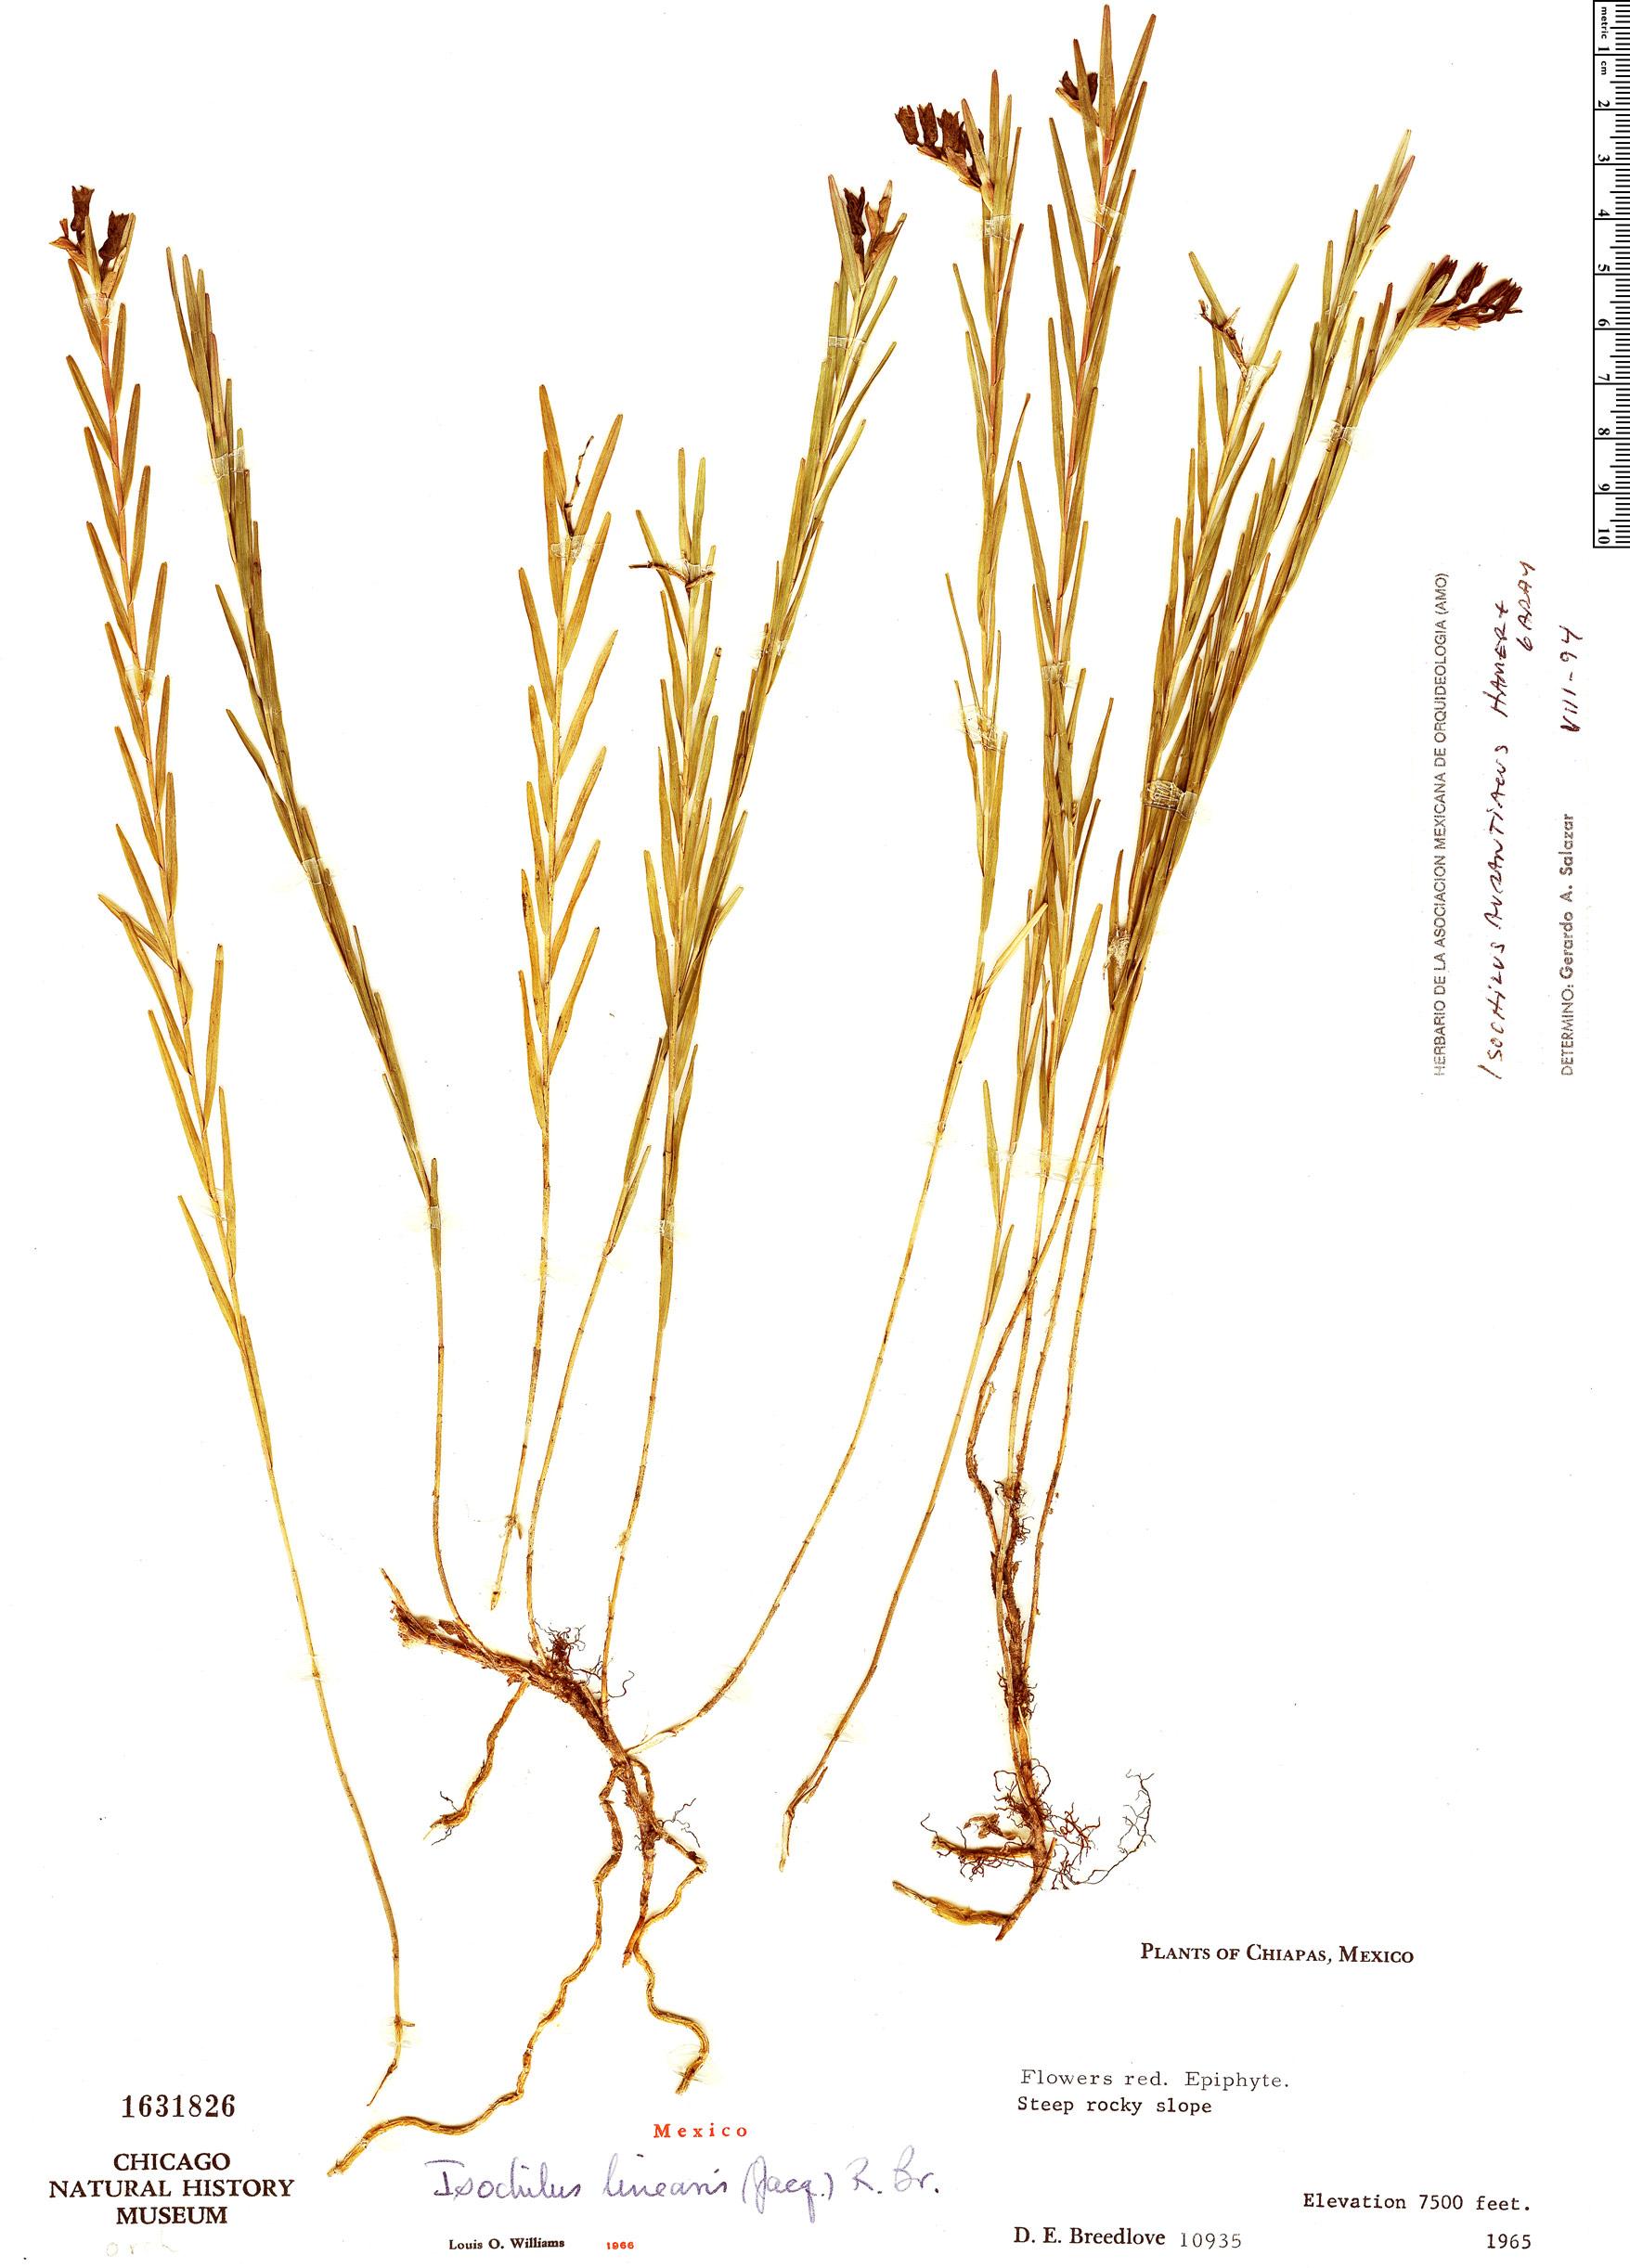 Specimen: Isochilus aurantiacus